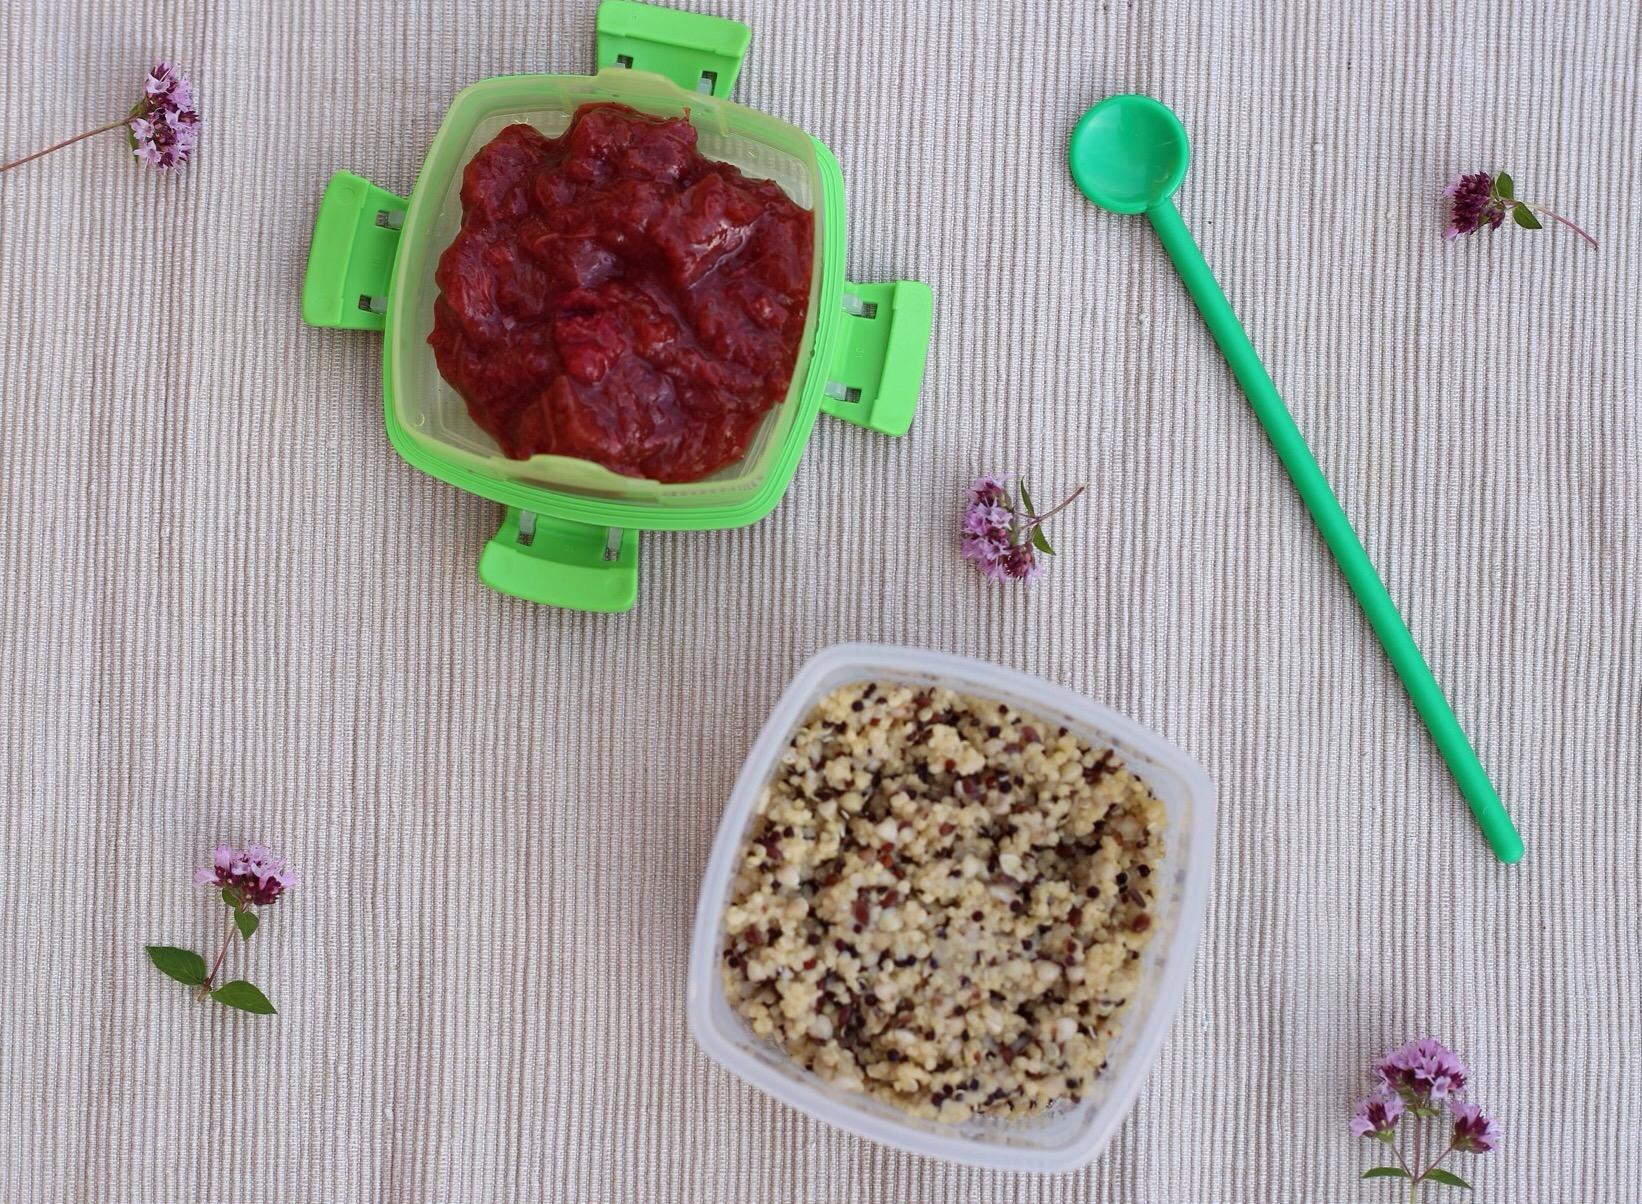 Madpakkeinspiraiton - sund madpakke: Hirse-quinoagrød ala Den flade Maves Grød fra Aurion med rabarberkompot. Glutenfri og low fodmap.